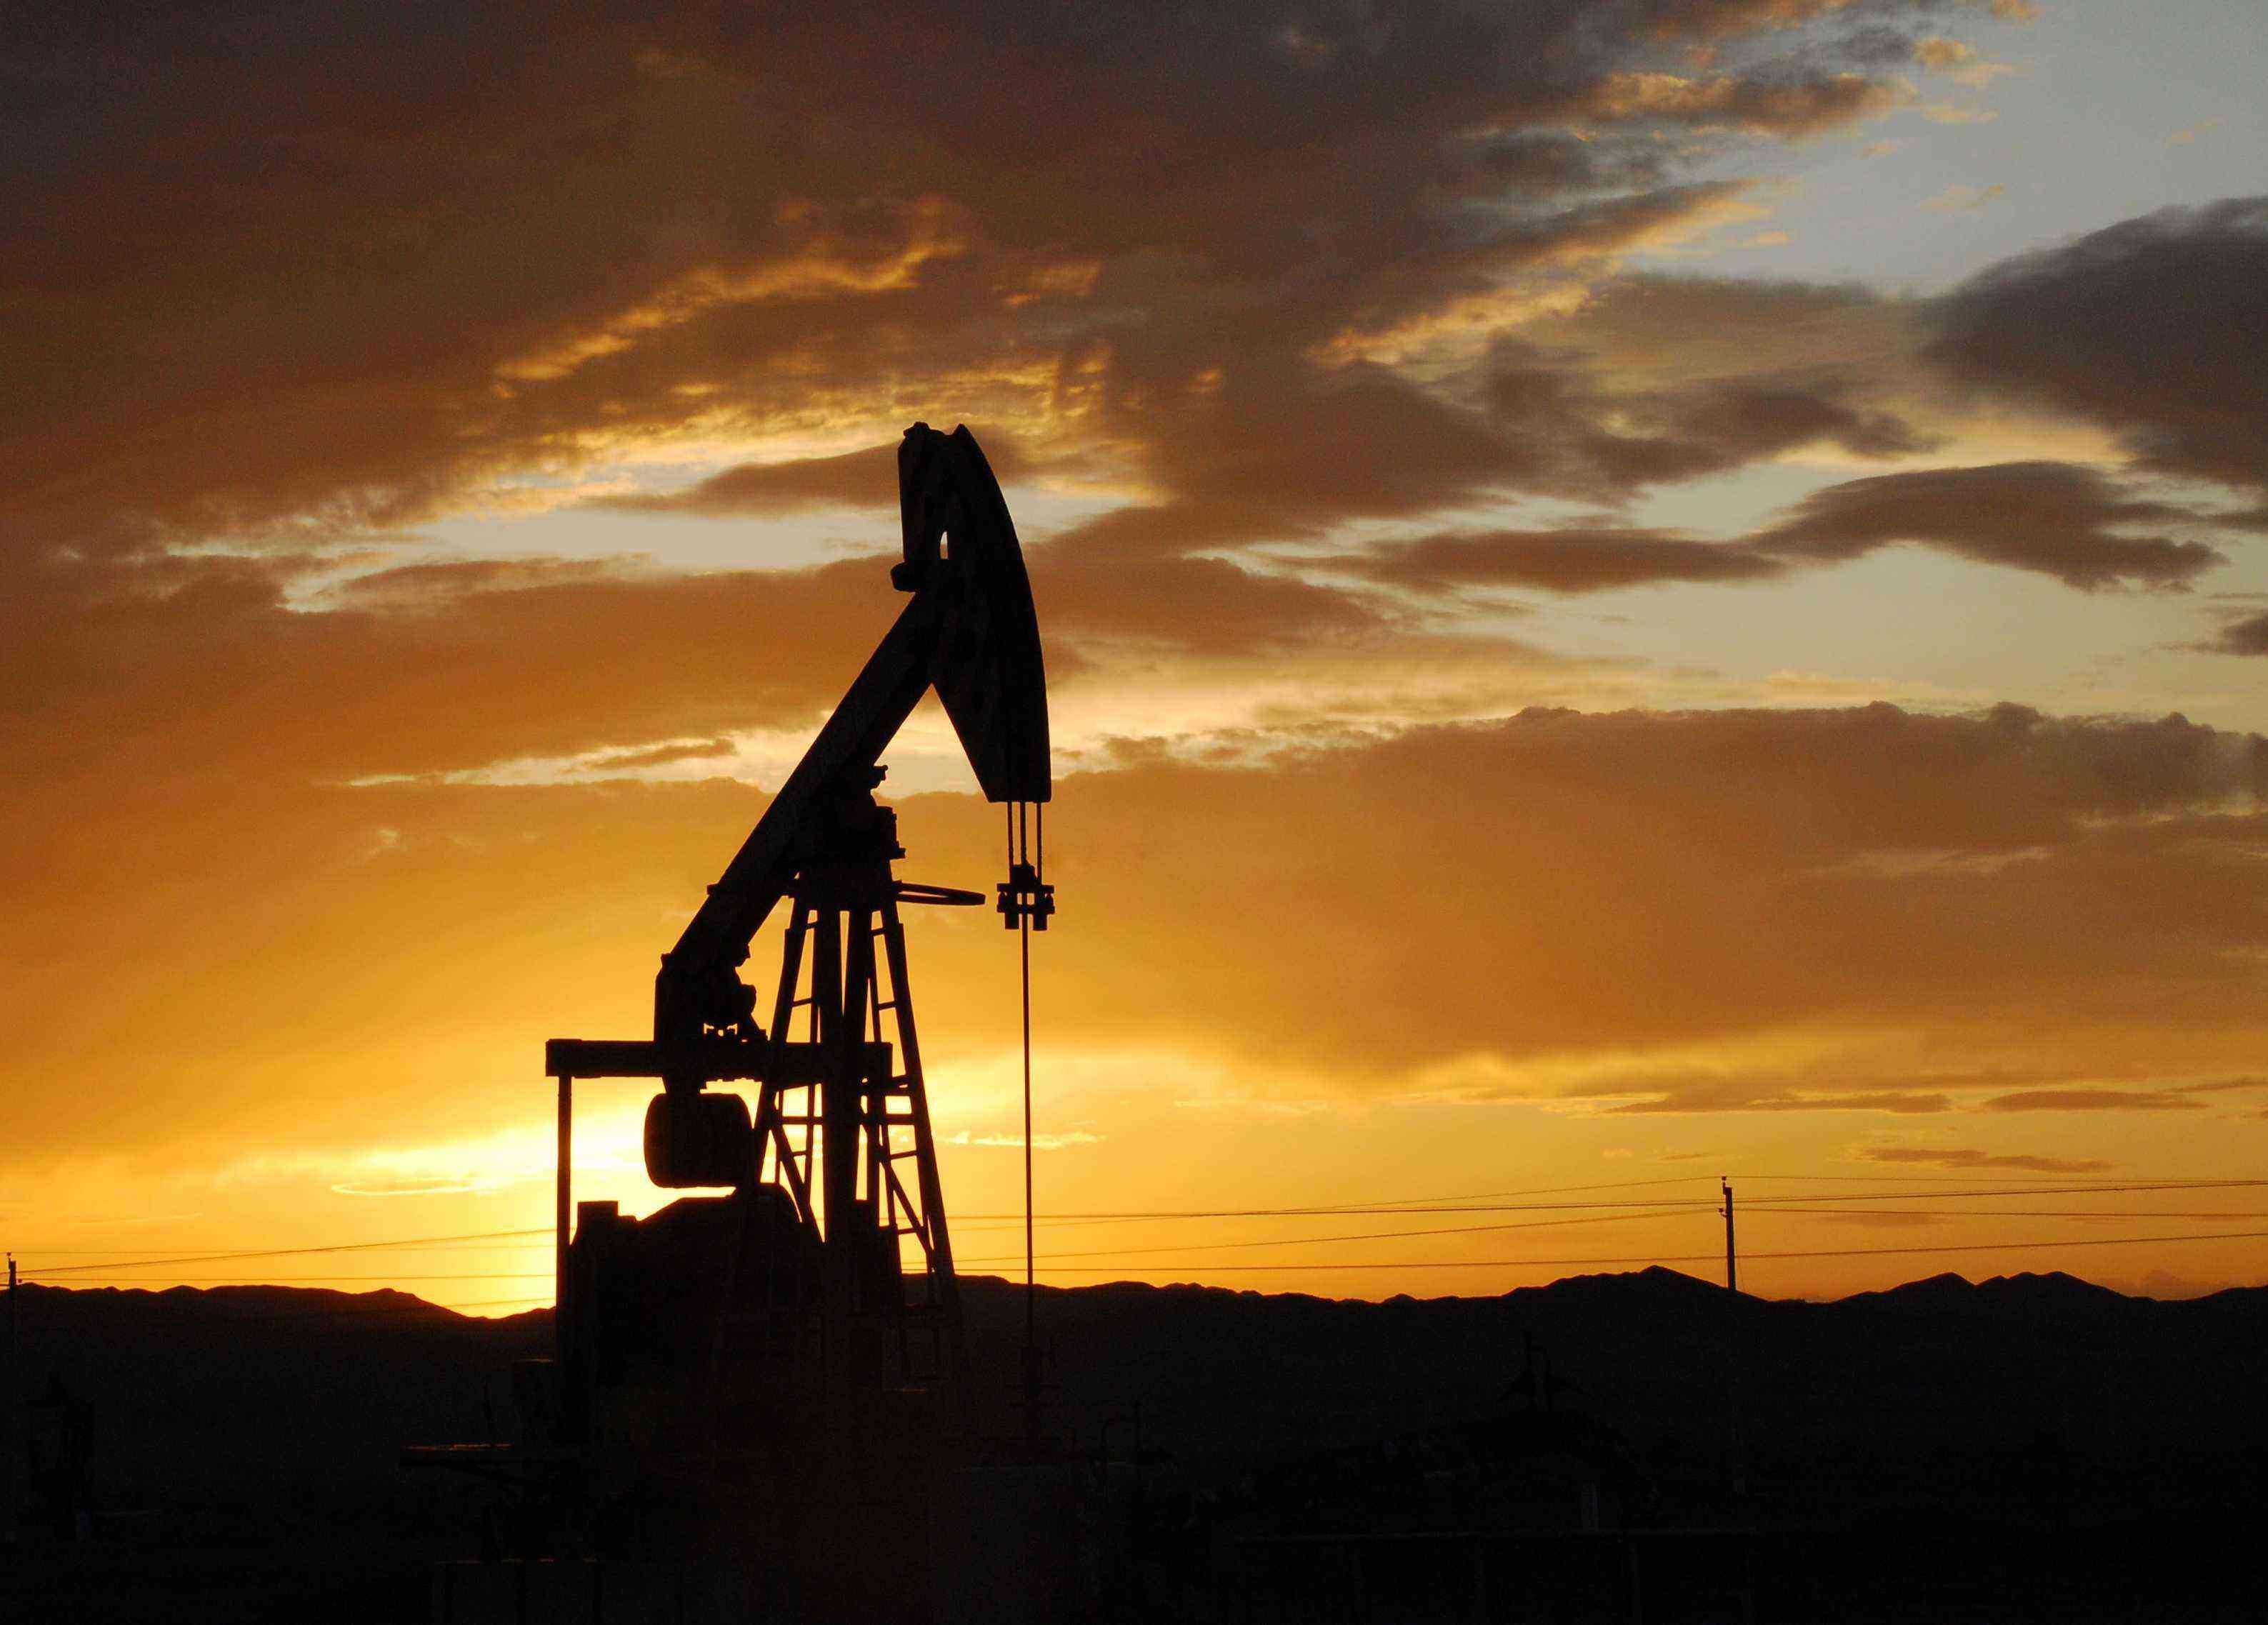 俄罗斯上月原油和凝析油产量同比增加2.4%